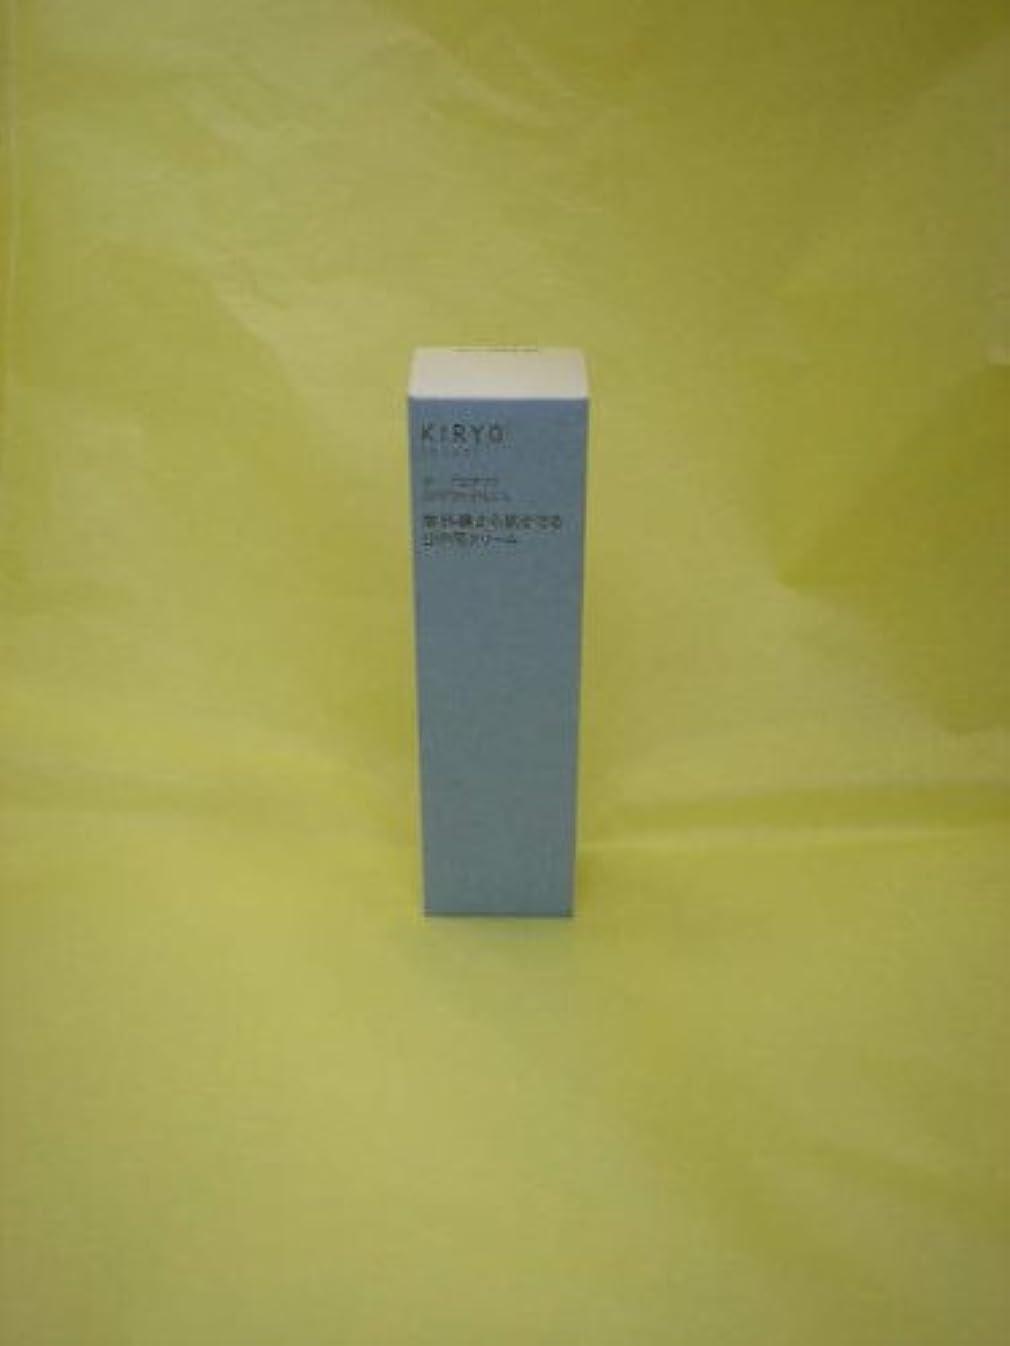 もろい避ける丁寧キリョウ デ-プロテクト 30g( 植物派化粧品)